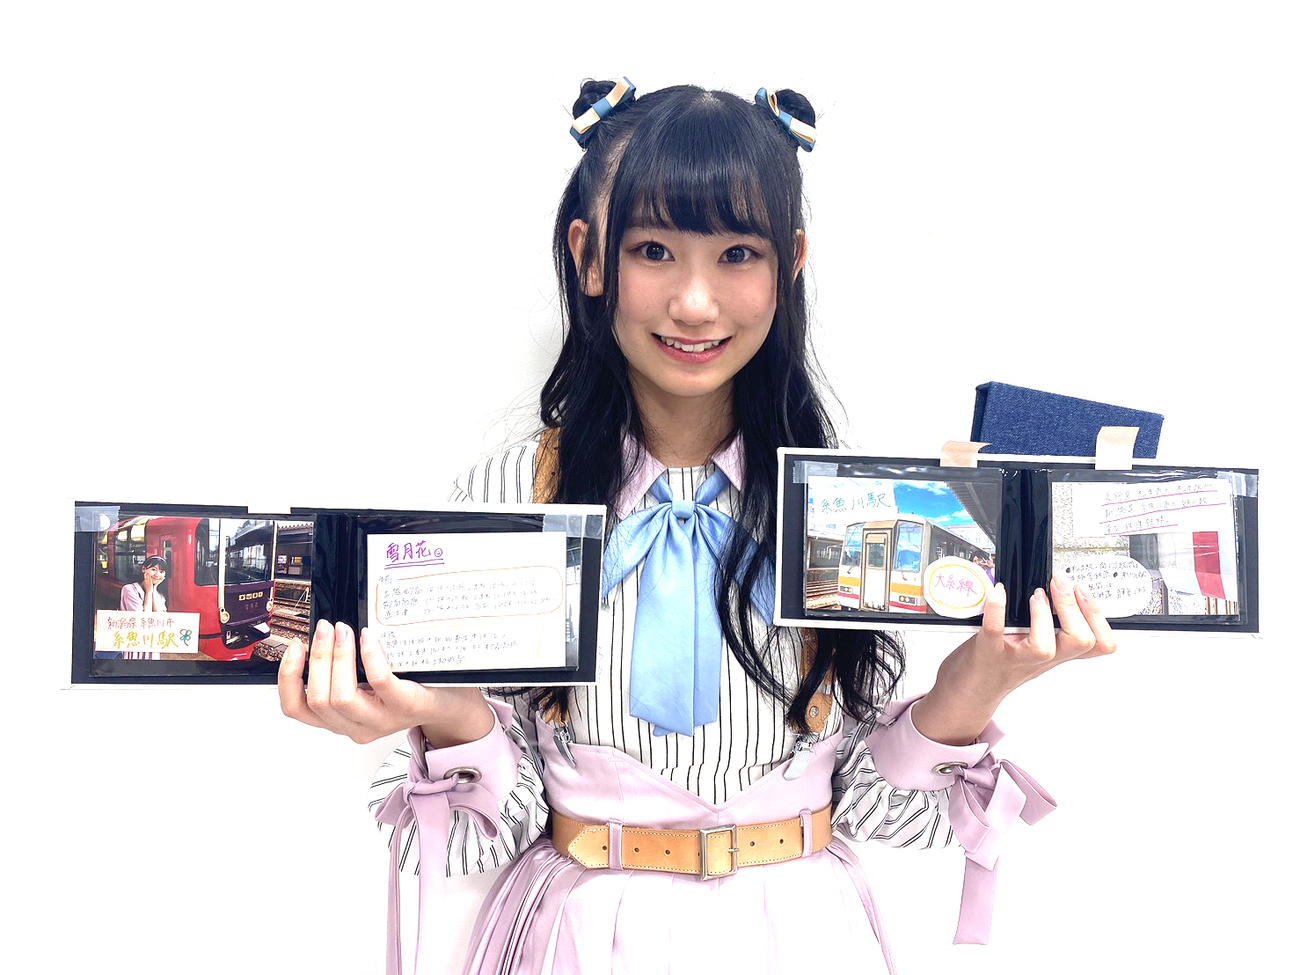 大好きだという鉄道との写真を納めたアルバムを手に笑顔を見せる佐藤海里(C)Flora